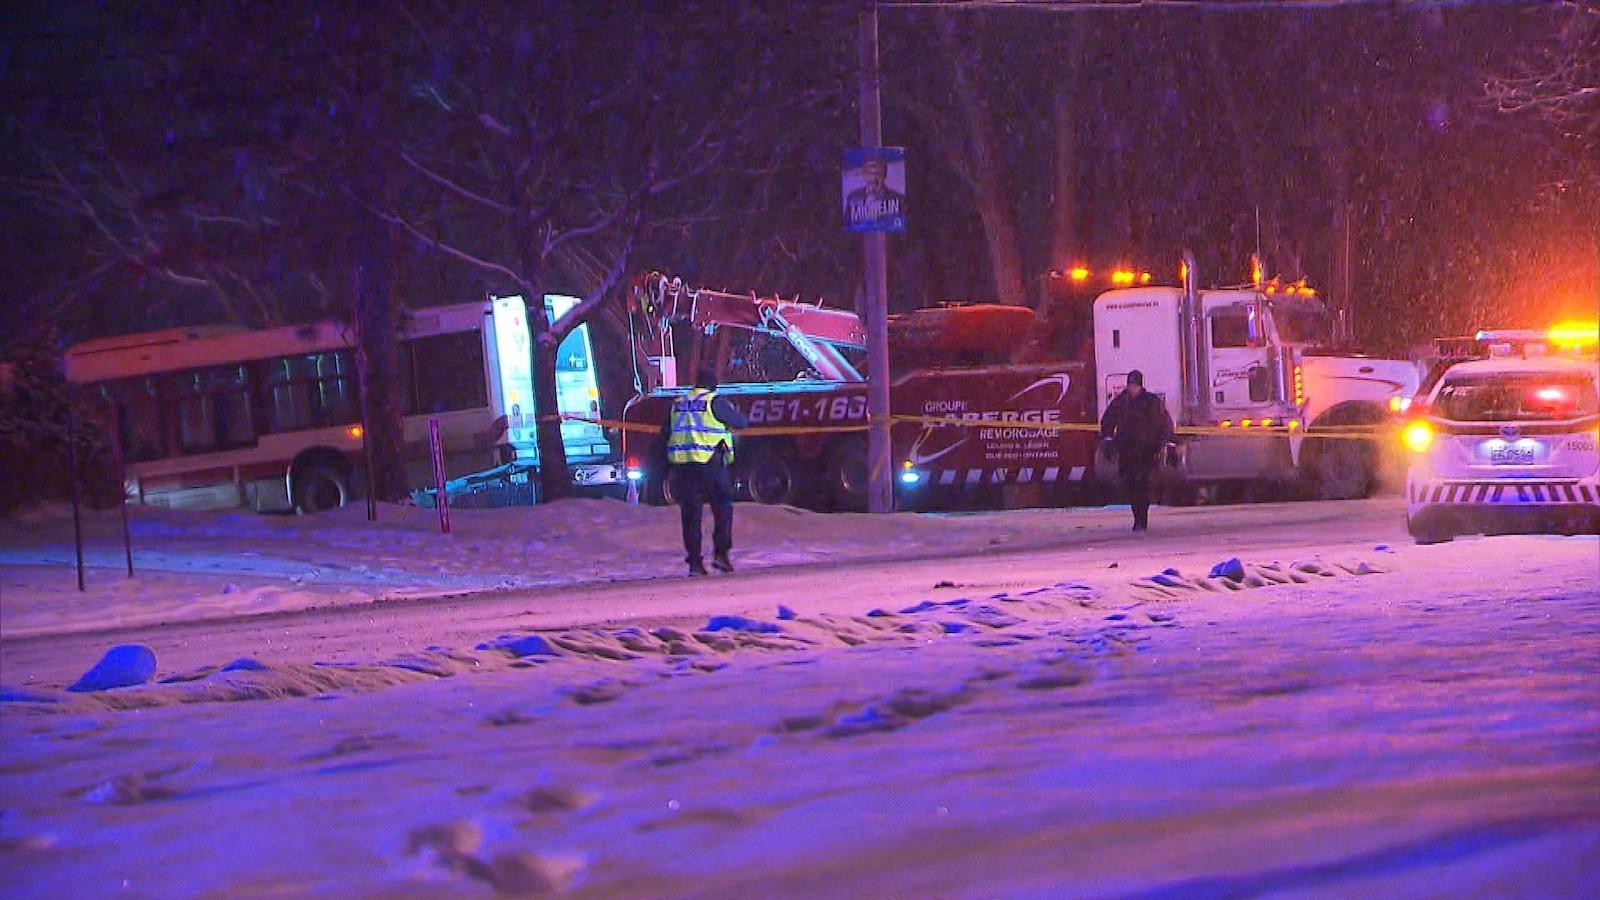 Vue d'ensemble montrant une voiture de police, un camion remorque et l'autobus du Réseau de transport de Longueuil.